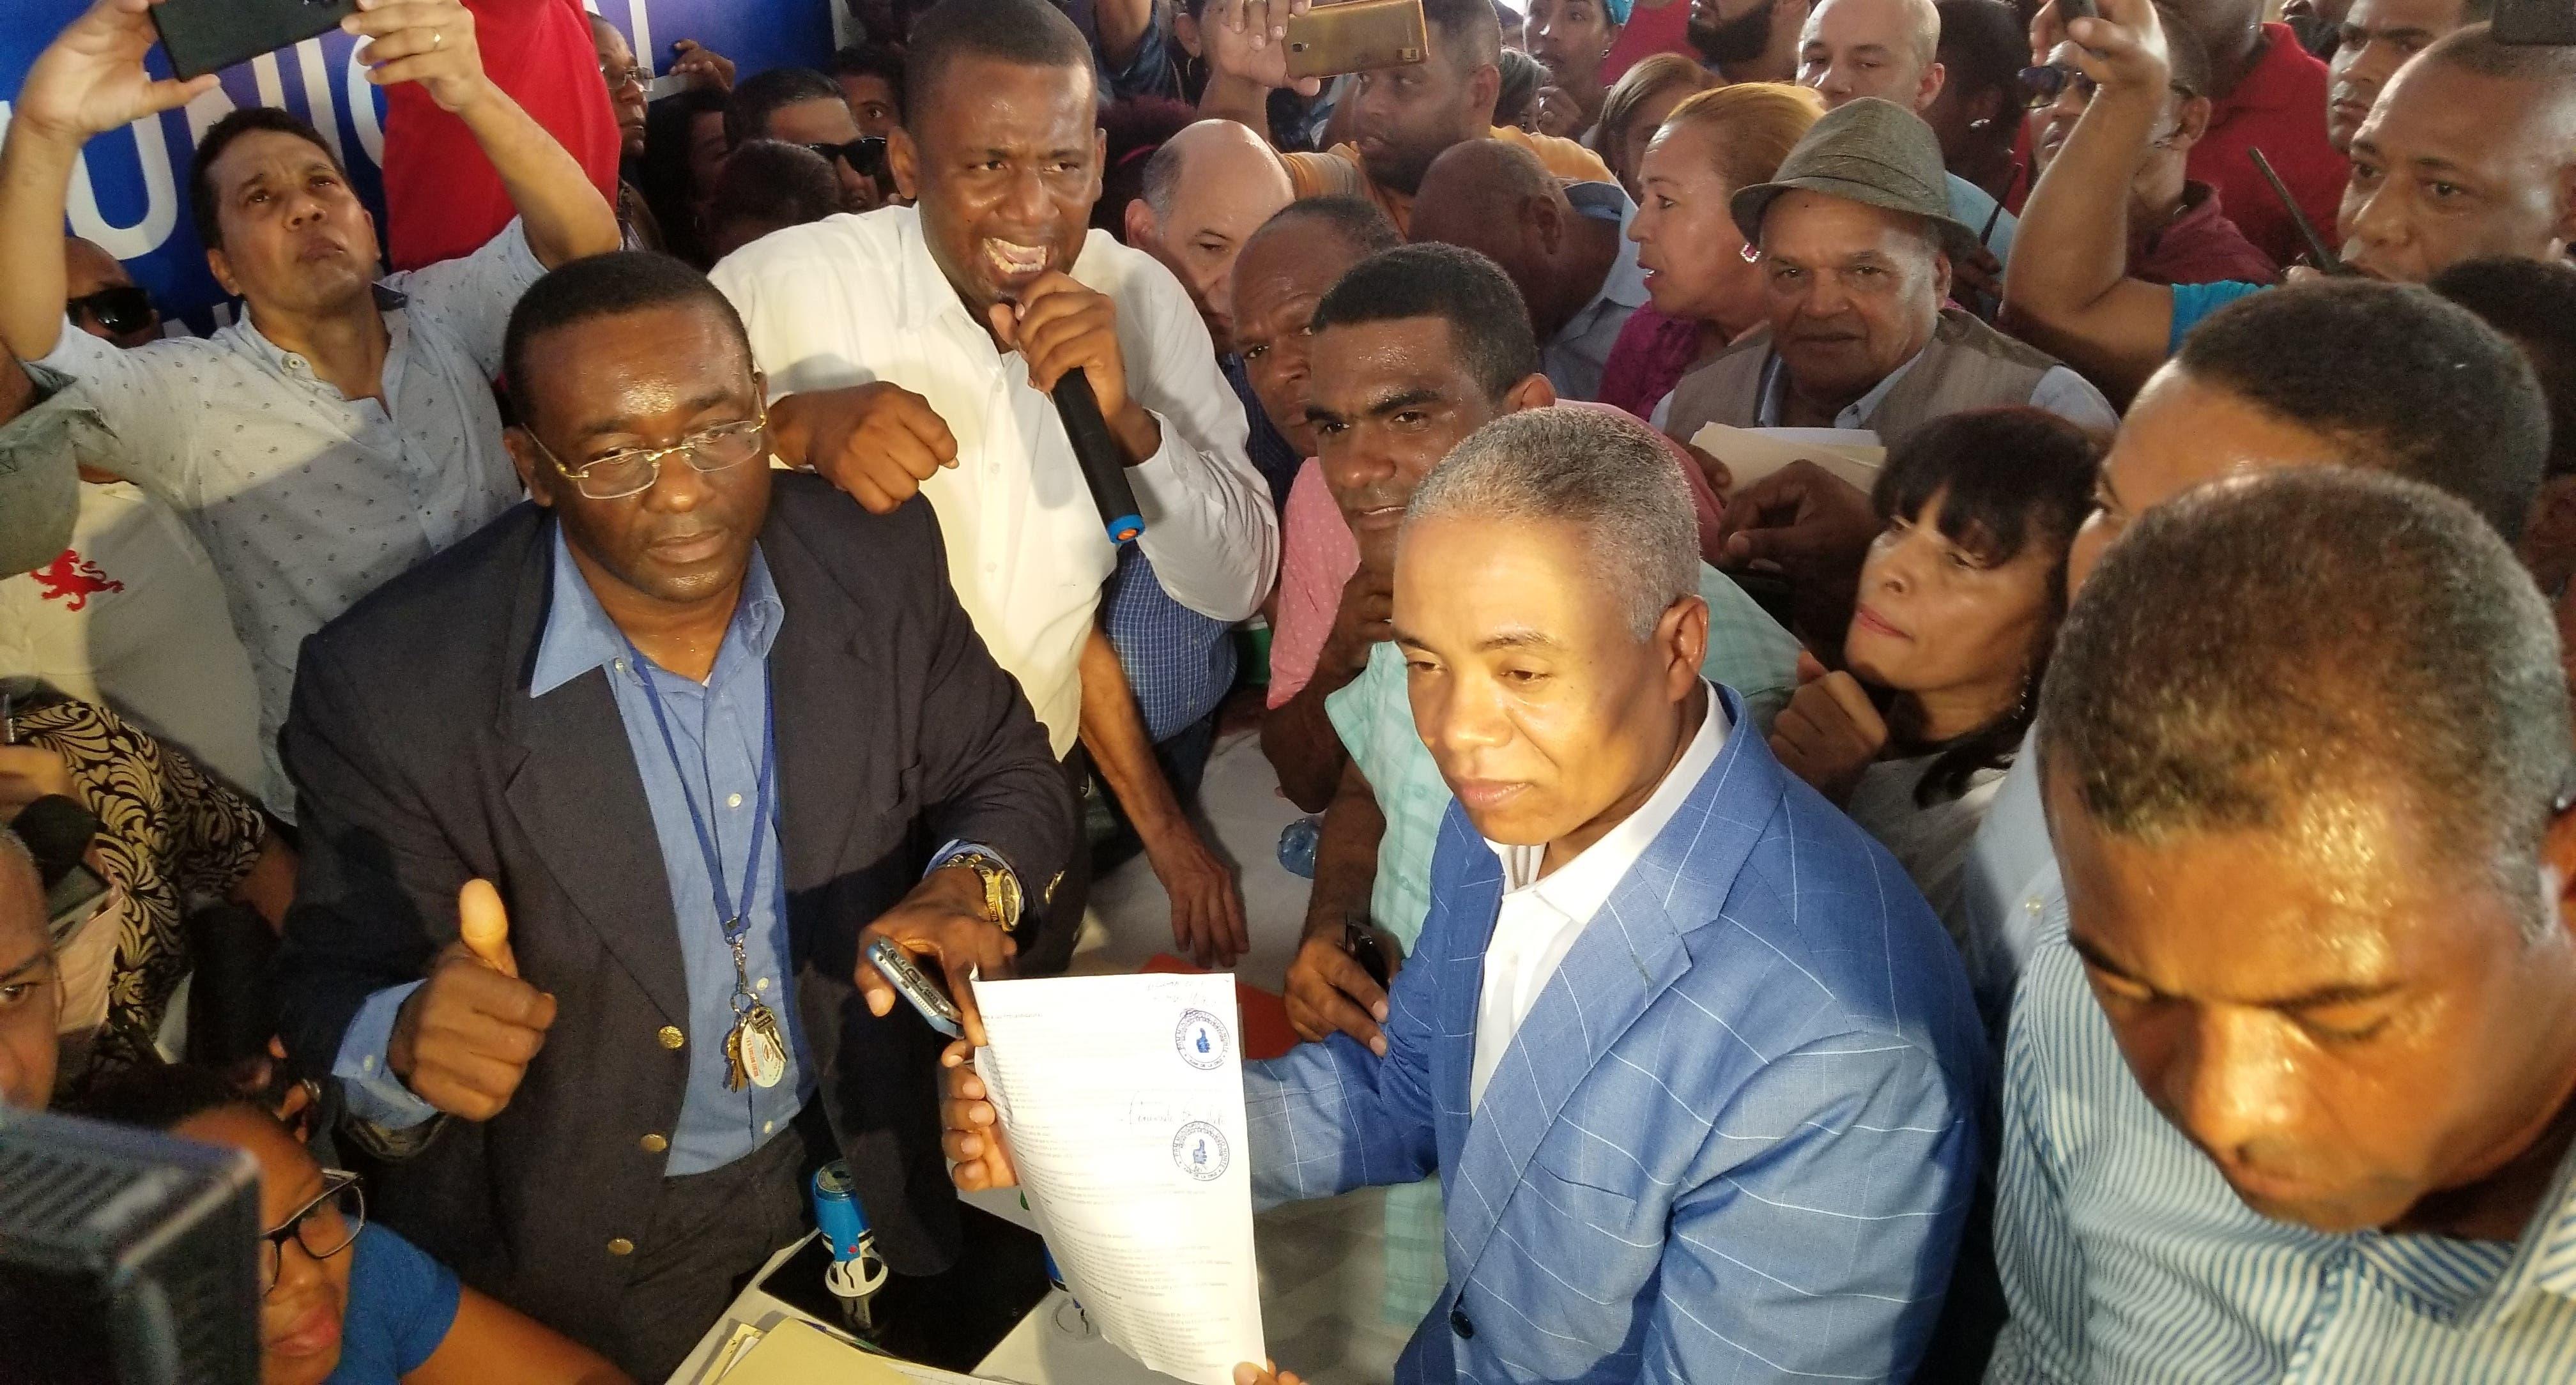 Francisco Fernández inscribe precandidatura a alcalde de Santo Domingo Norte